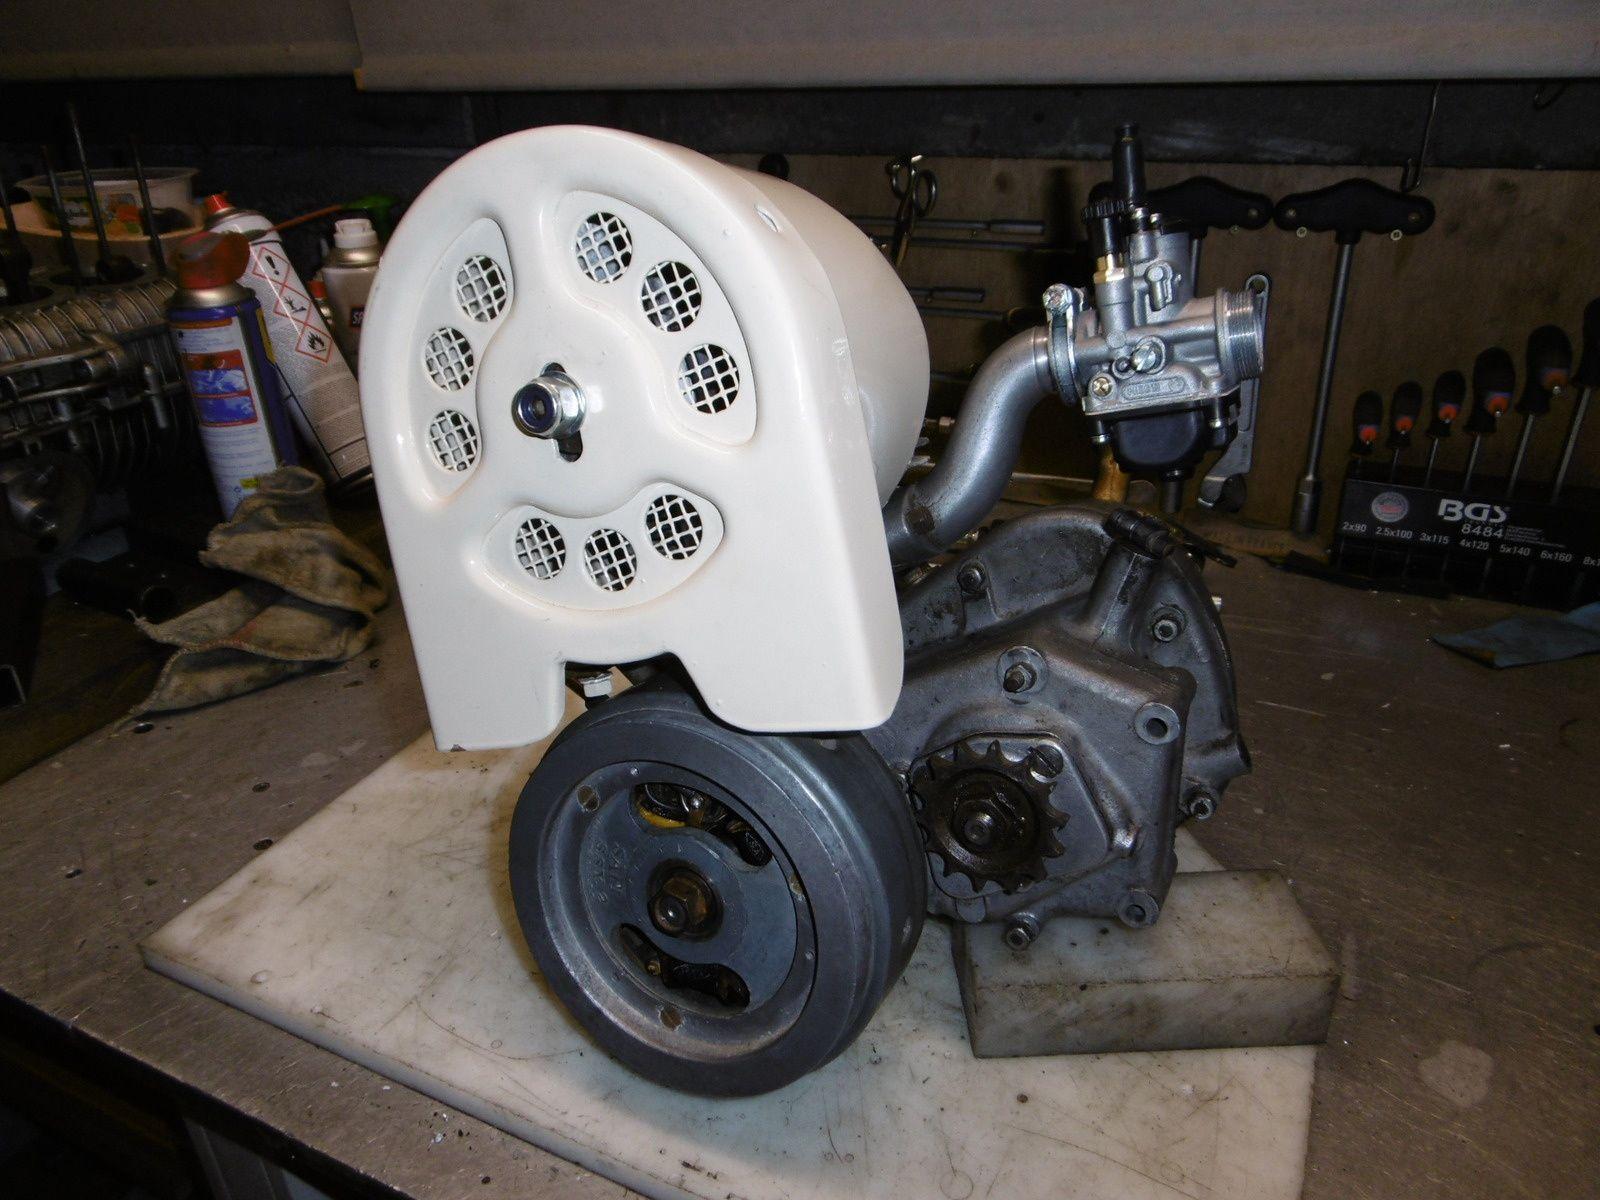 Remise en état moteur Peugeot Triporteur 3 vitesses.